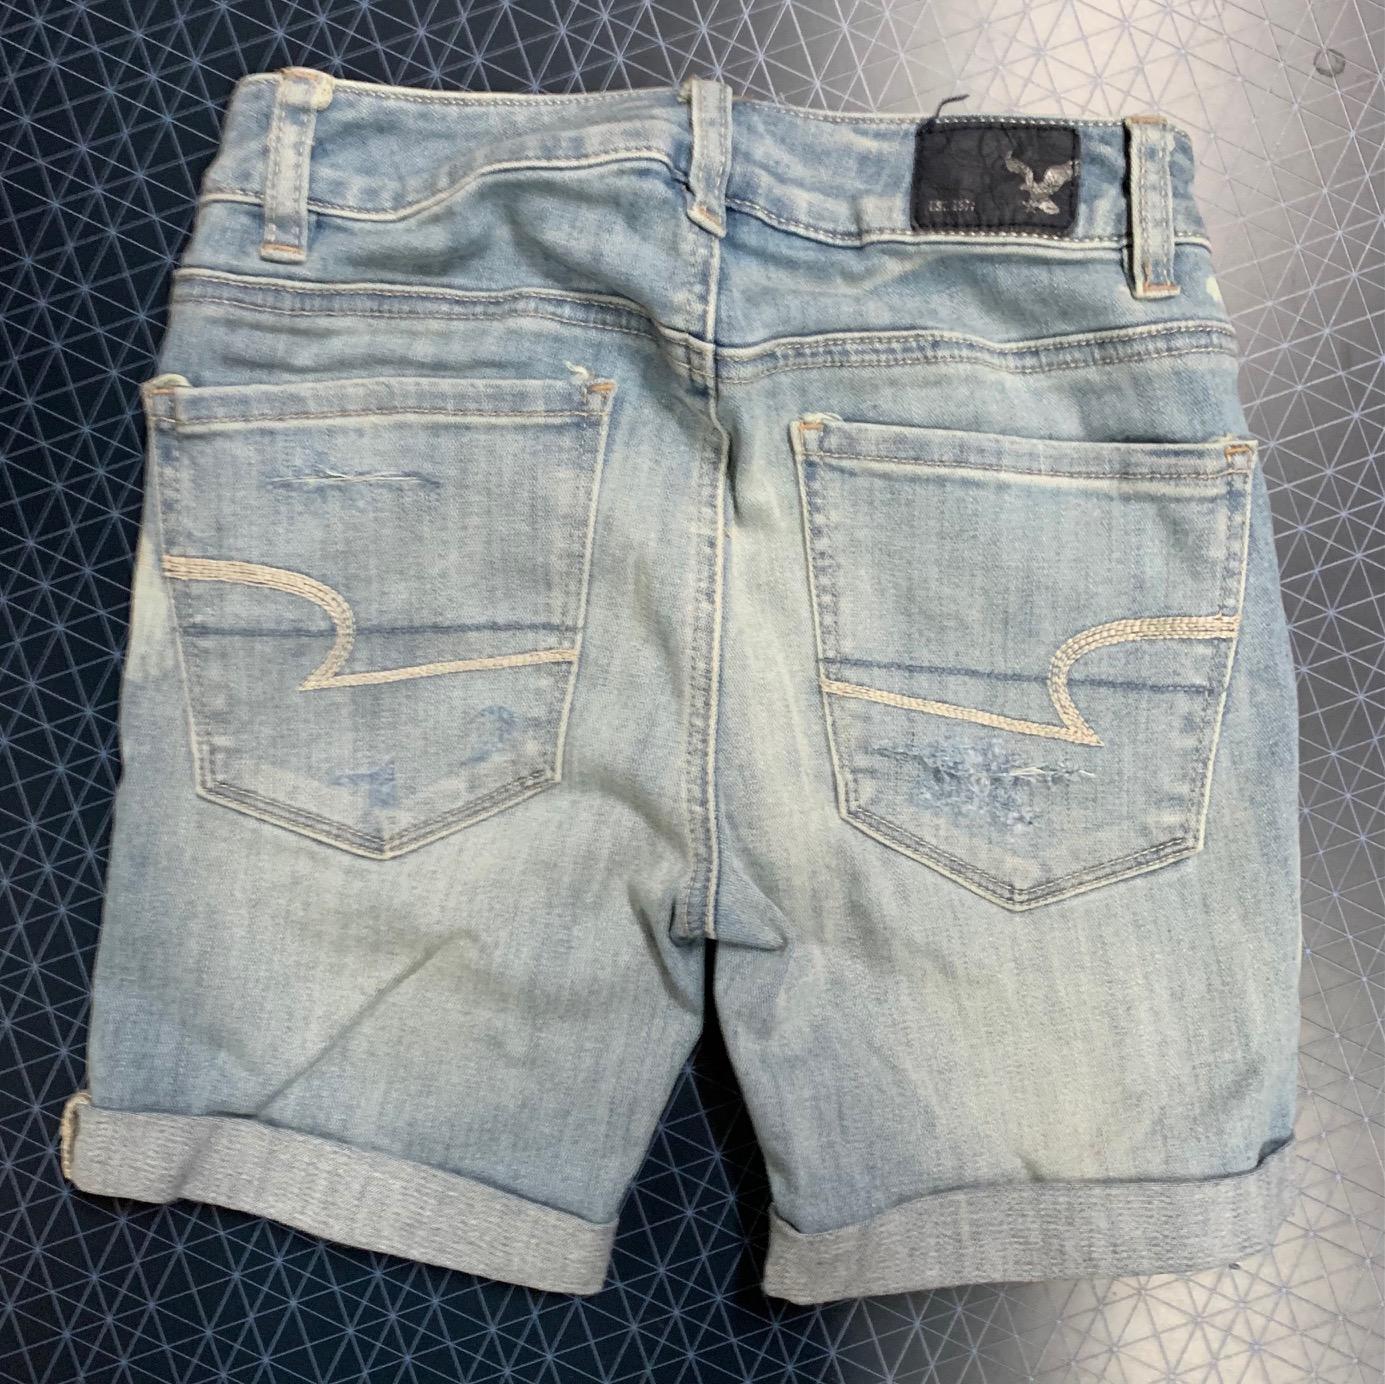 Шорты детские American Eagle из джинсовой ткани